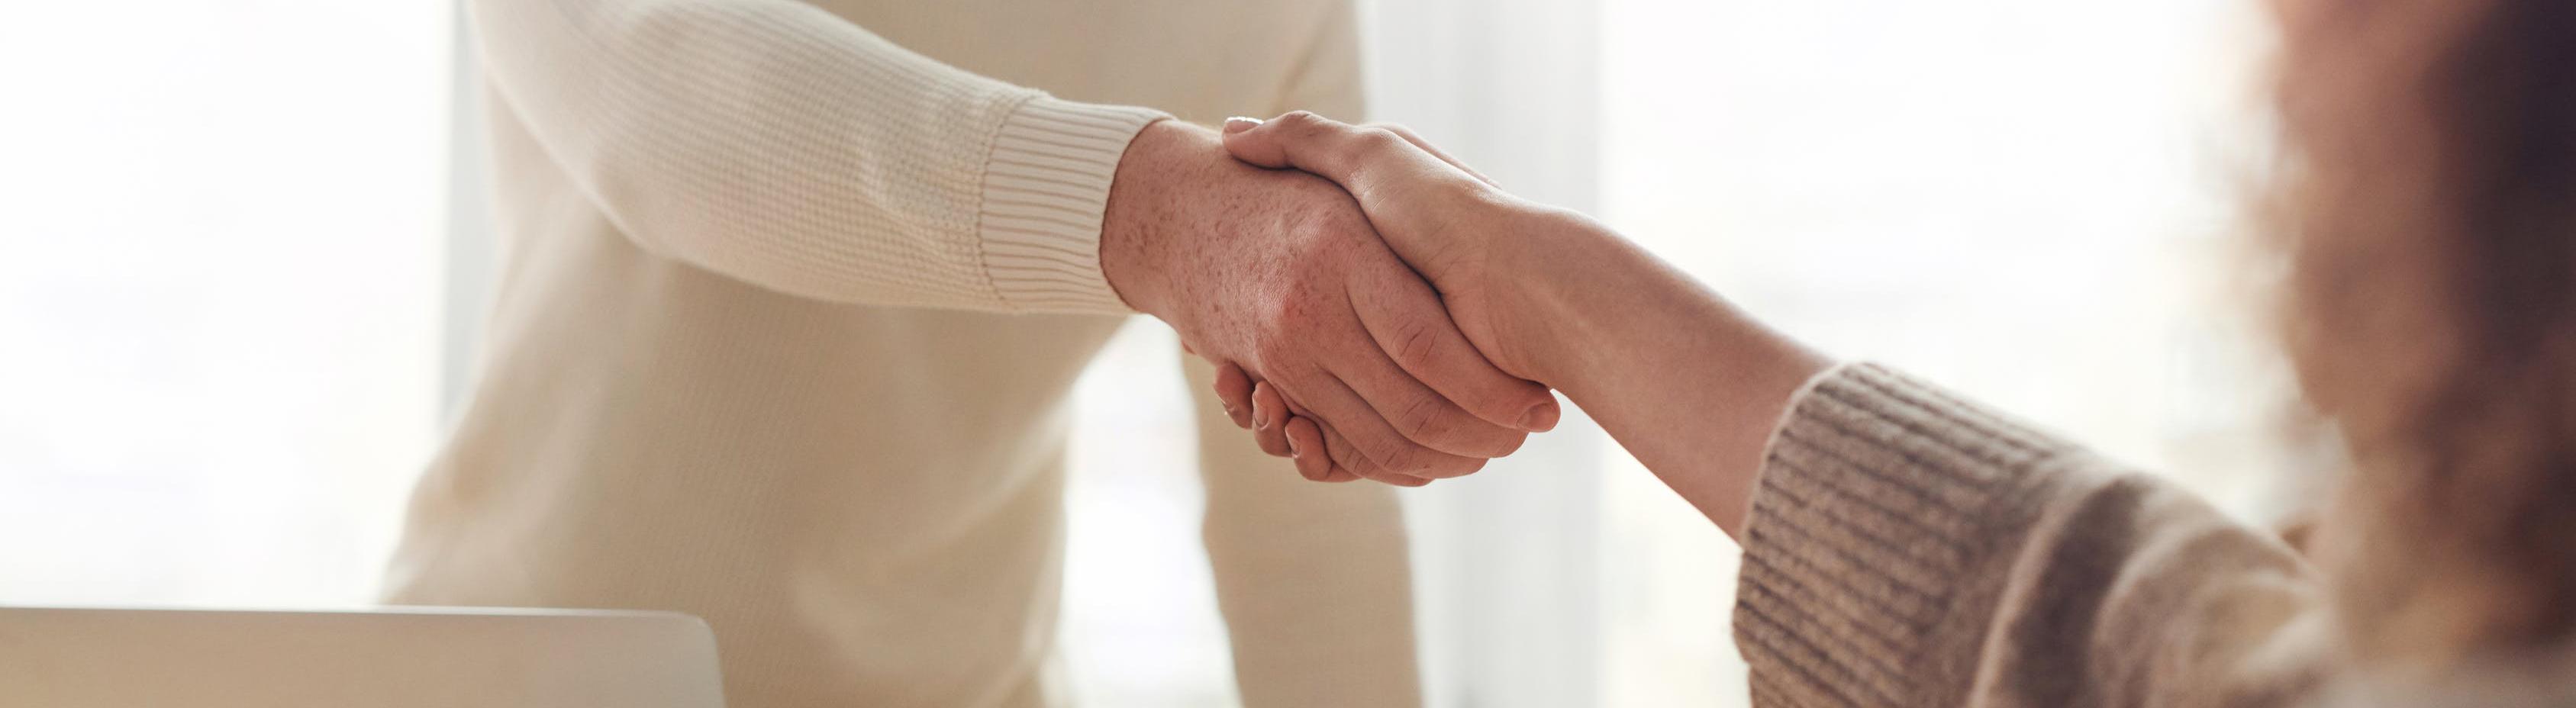 Frau und Mann schütteln sich die Hände